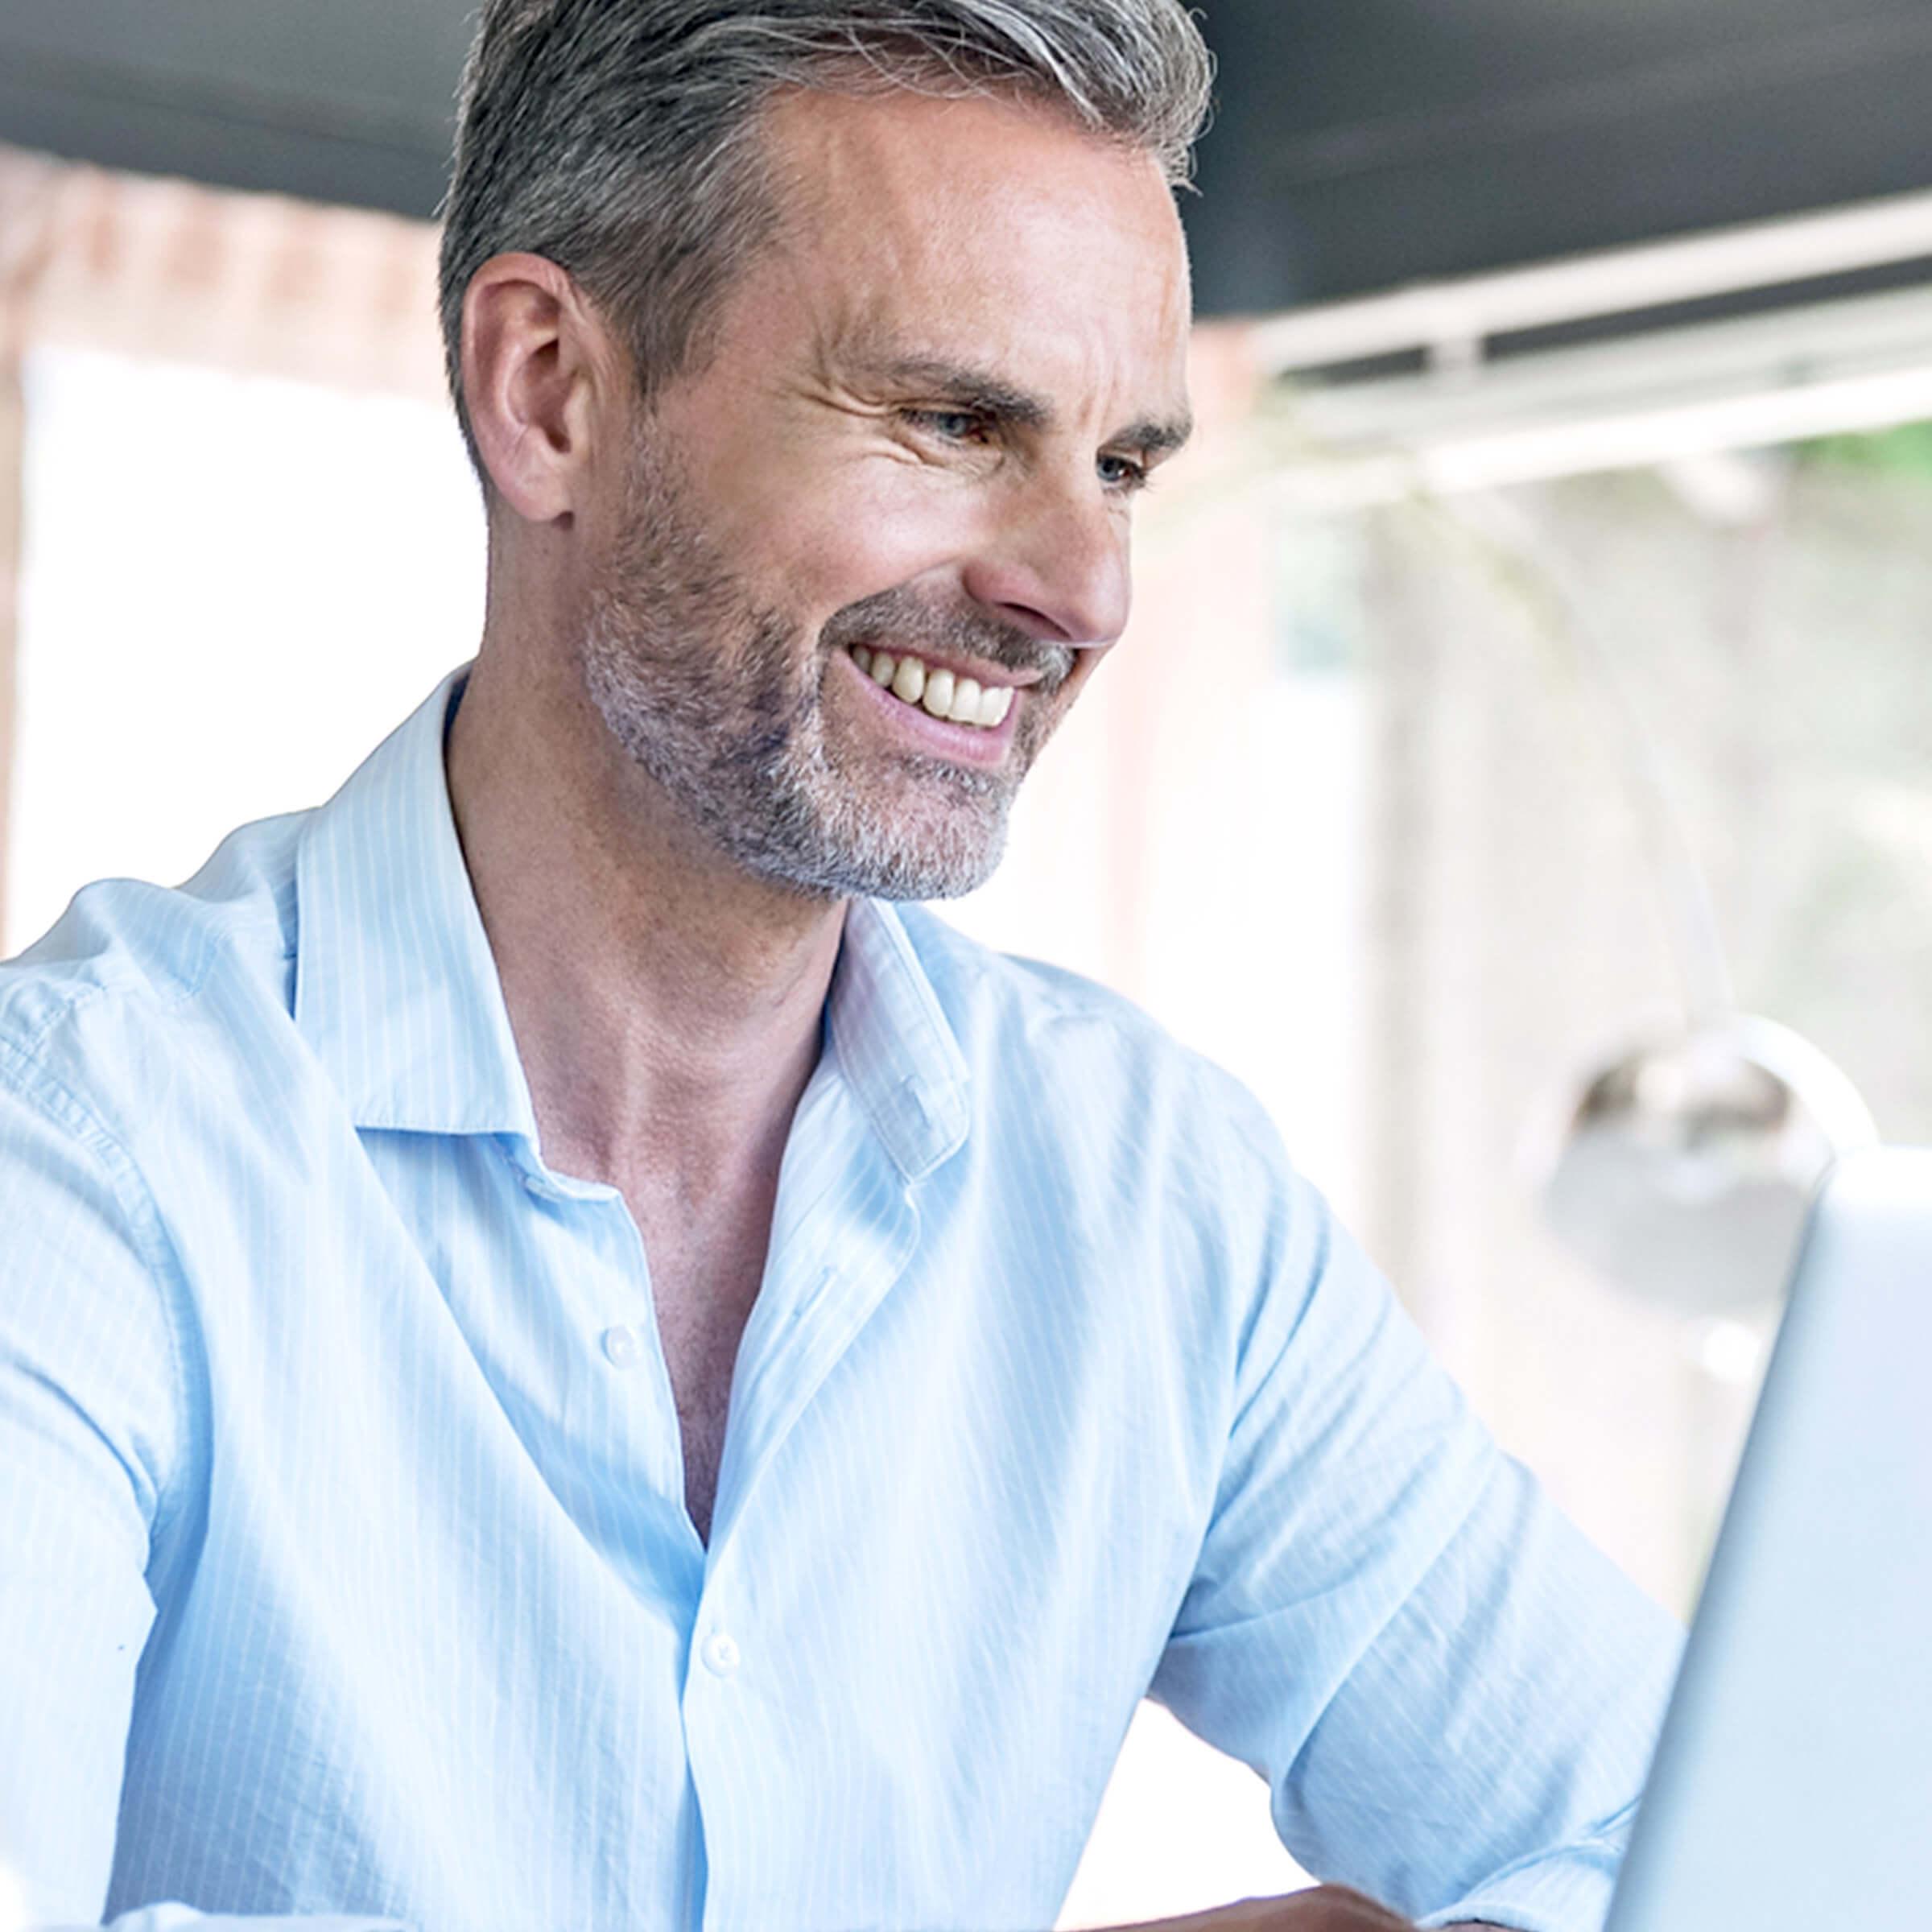 Zadowolony klient LYNX, który wykorzystuje narzędzia handlowe do efektywnego handlu na giełdzie